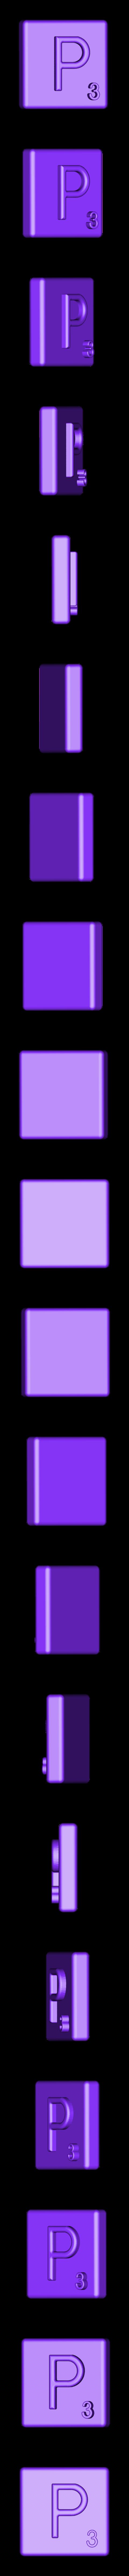 Single_Extruded_P.STL Télécharger fichier STL gratuit Pièces et support SCRABBBLE • Design pour imprimante 3D, Balkhagal4D